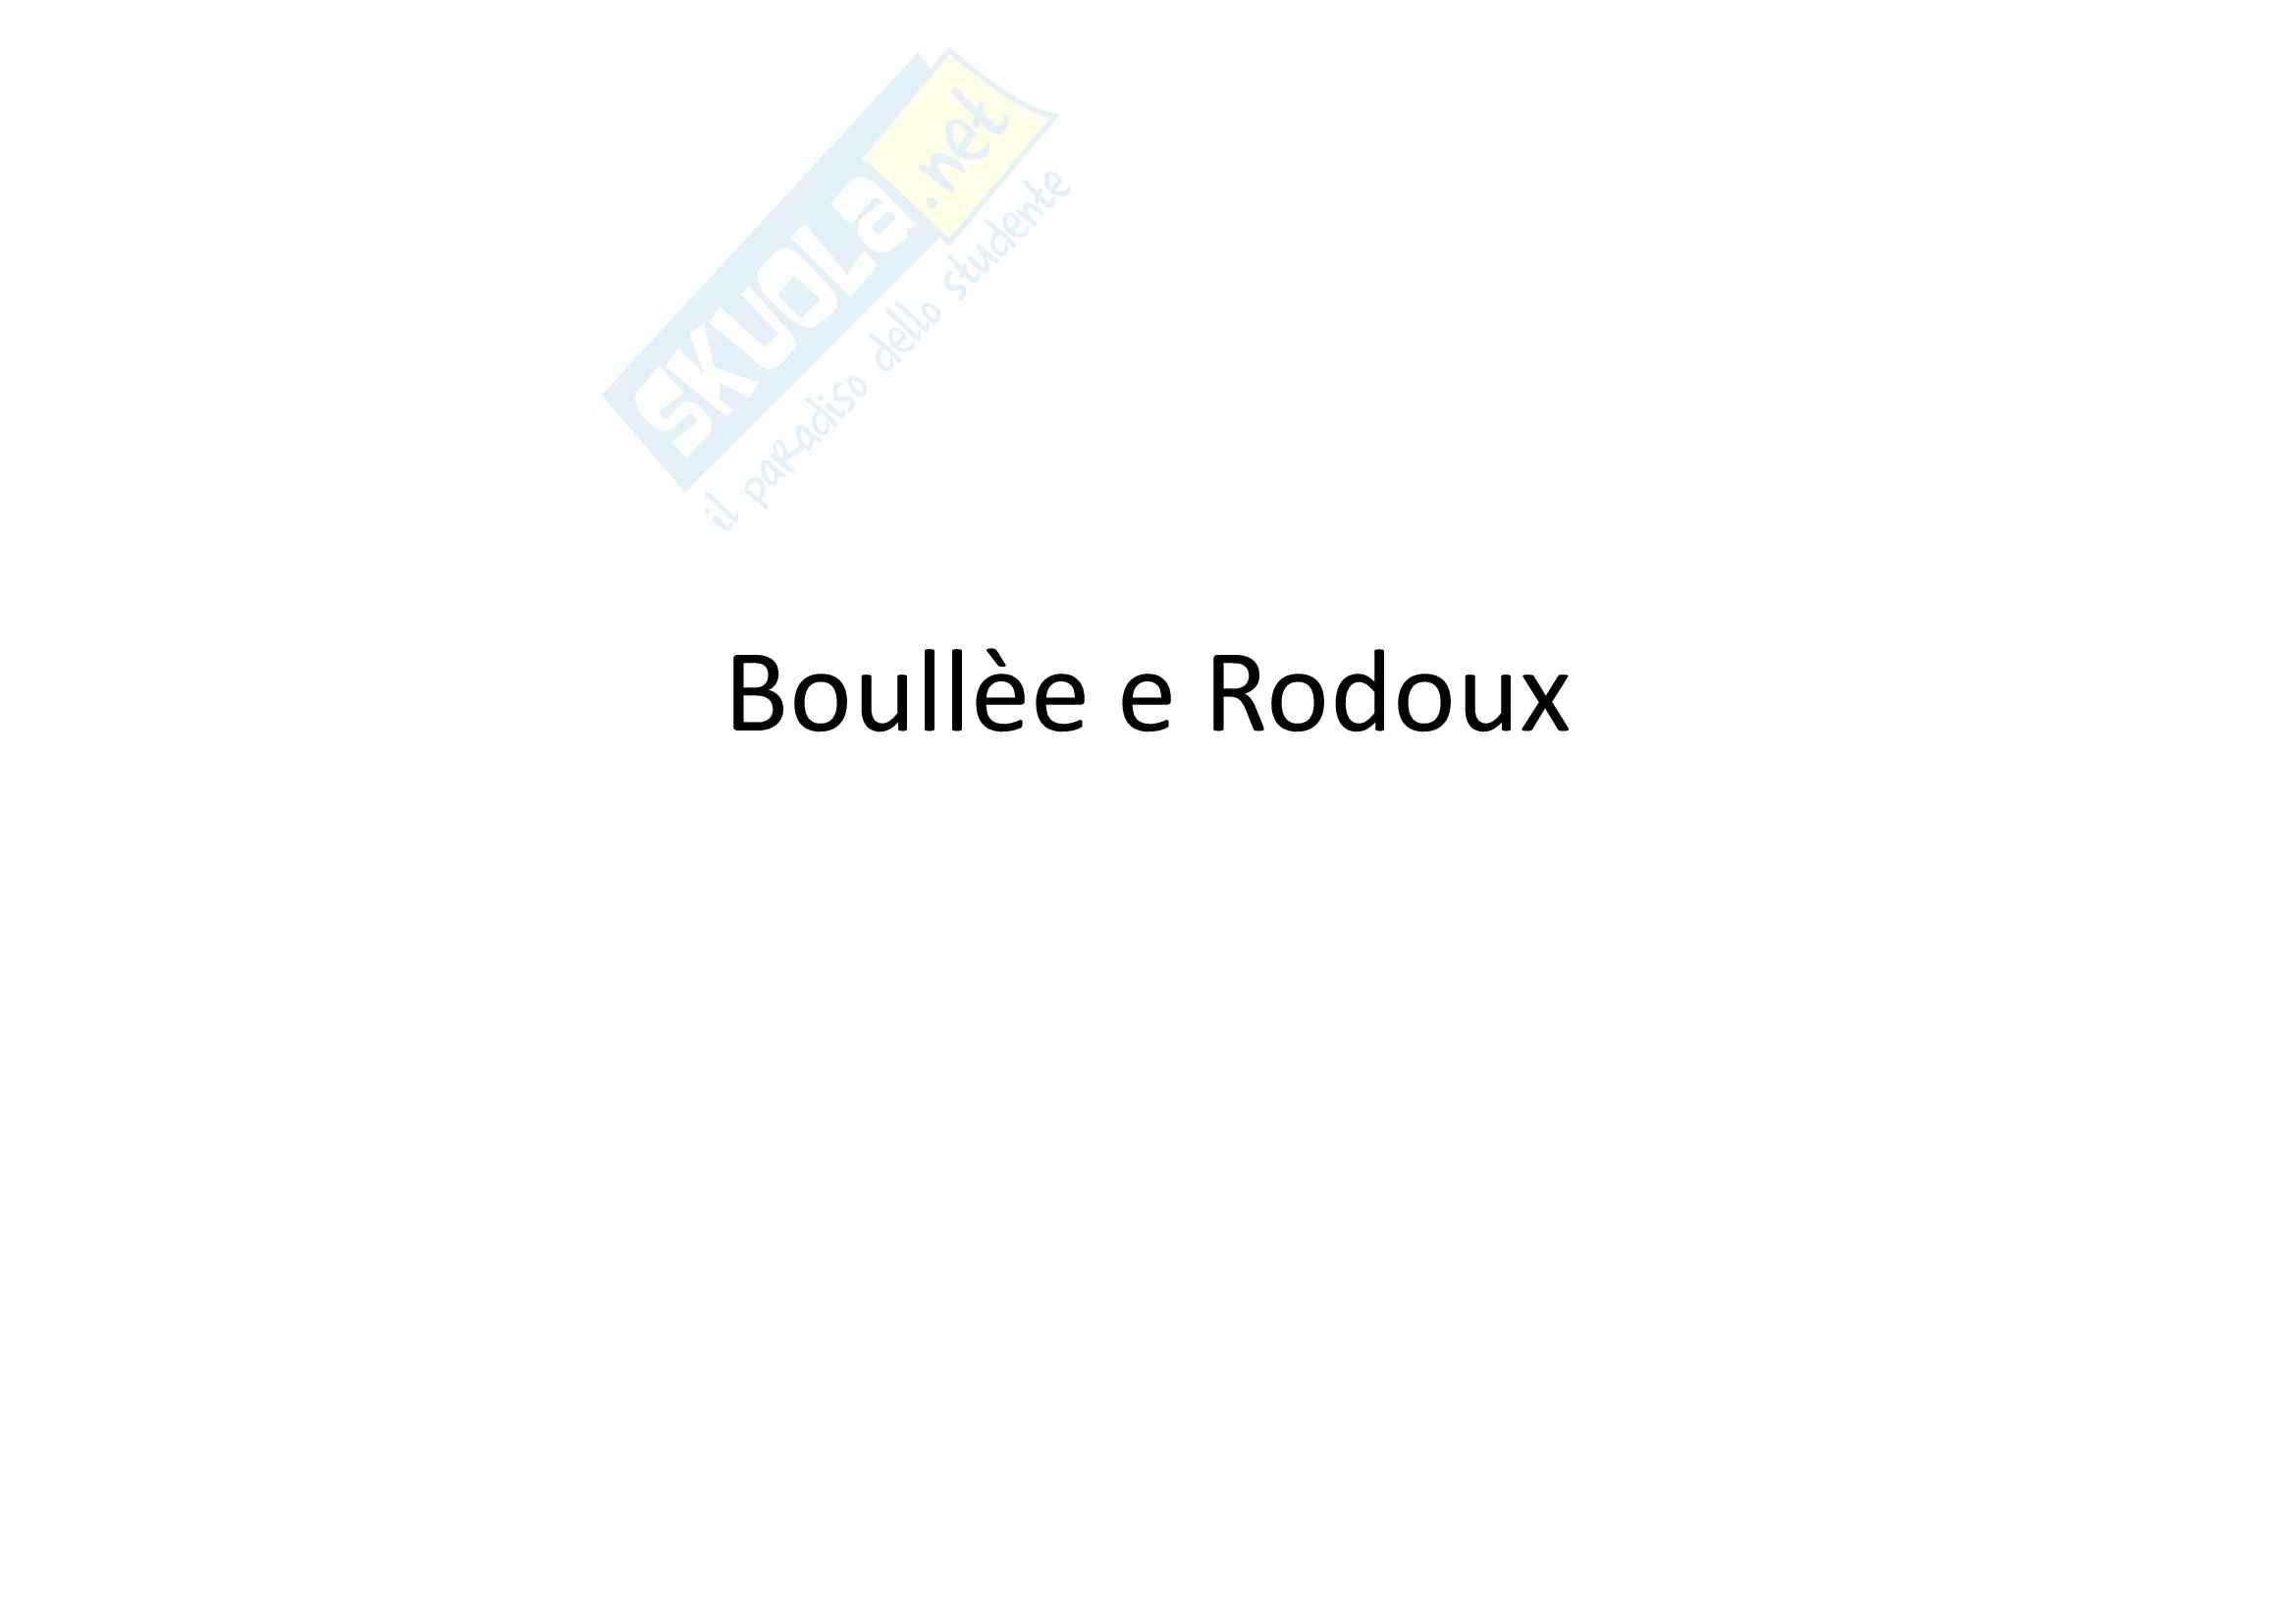 Boullee e Redoux, Storia dell'architettura